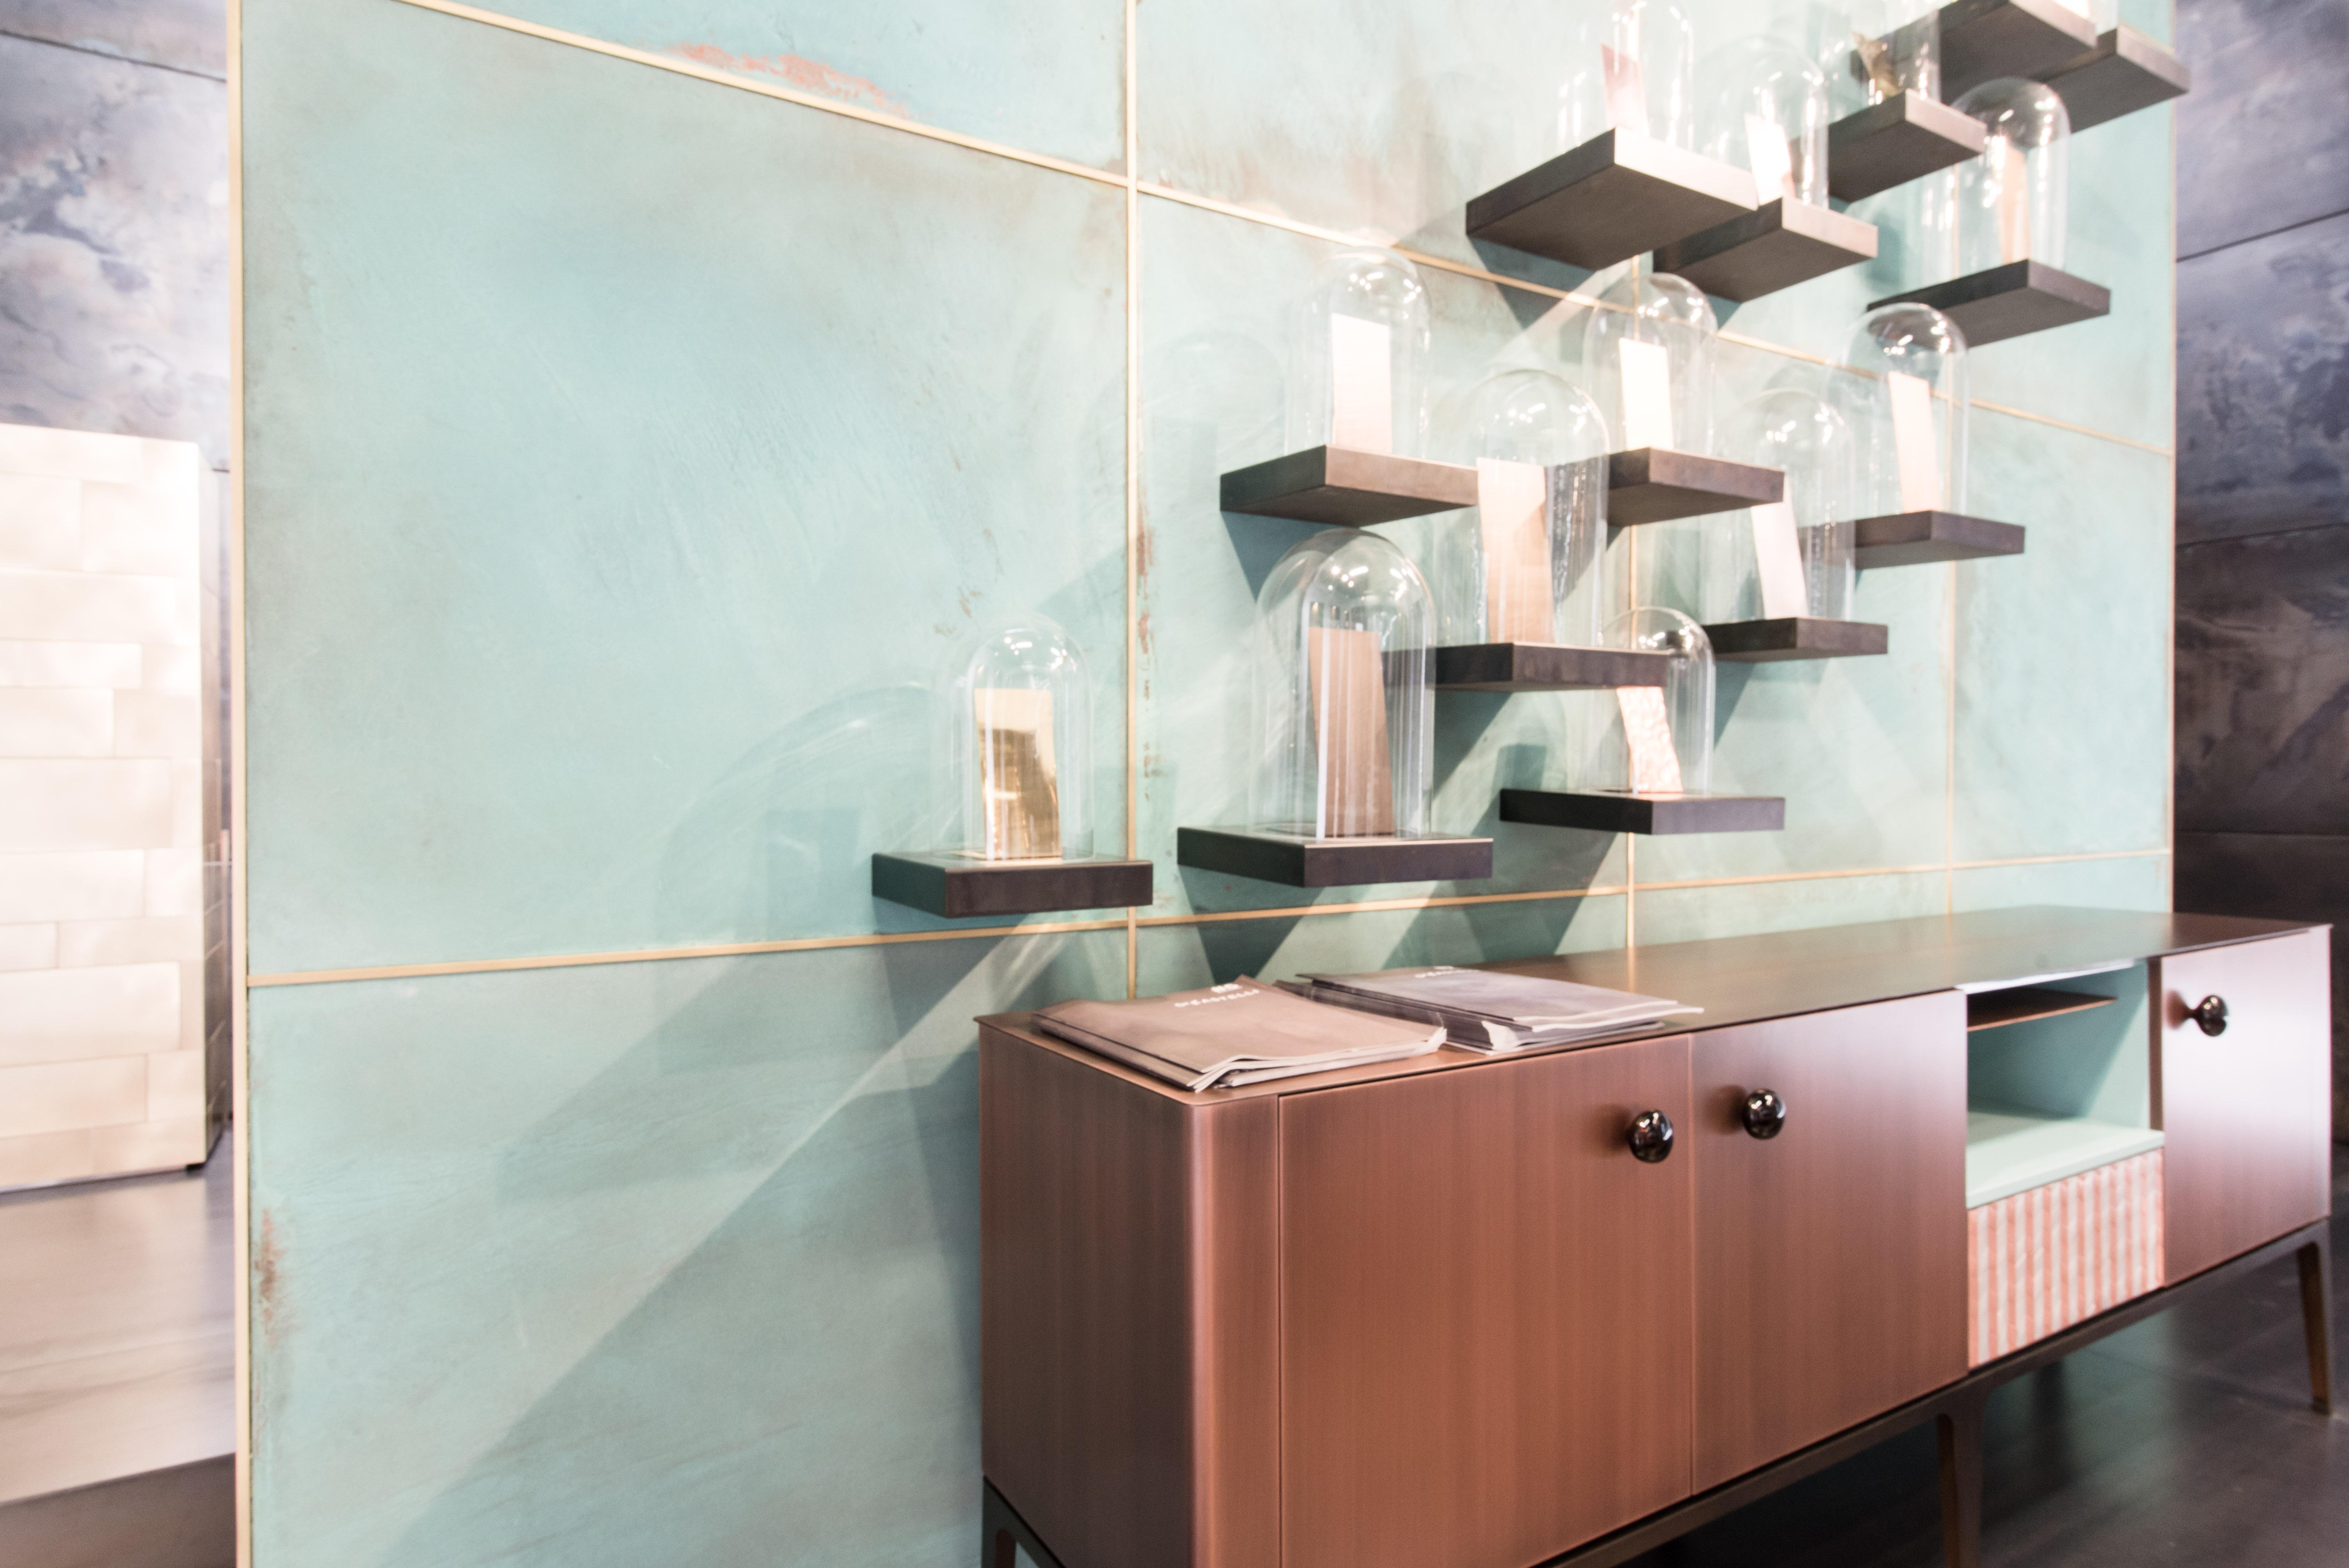 Matite per piastrelle bagno excellent disponibile in sei colori differenti il da parete per il - Piastrelle bagno grande formato ...